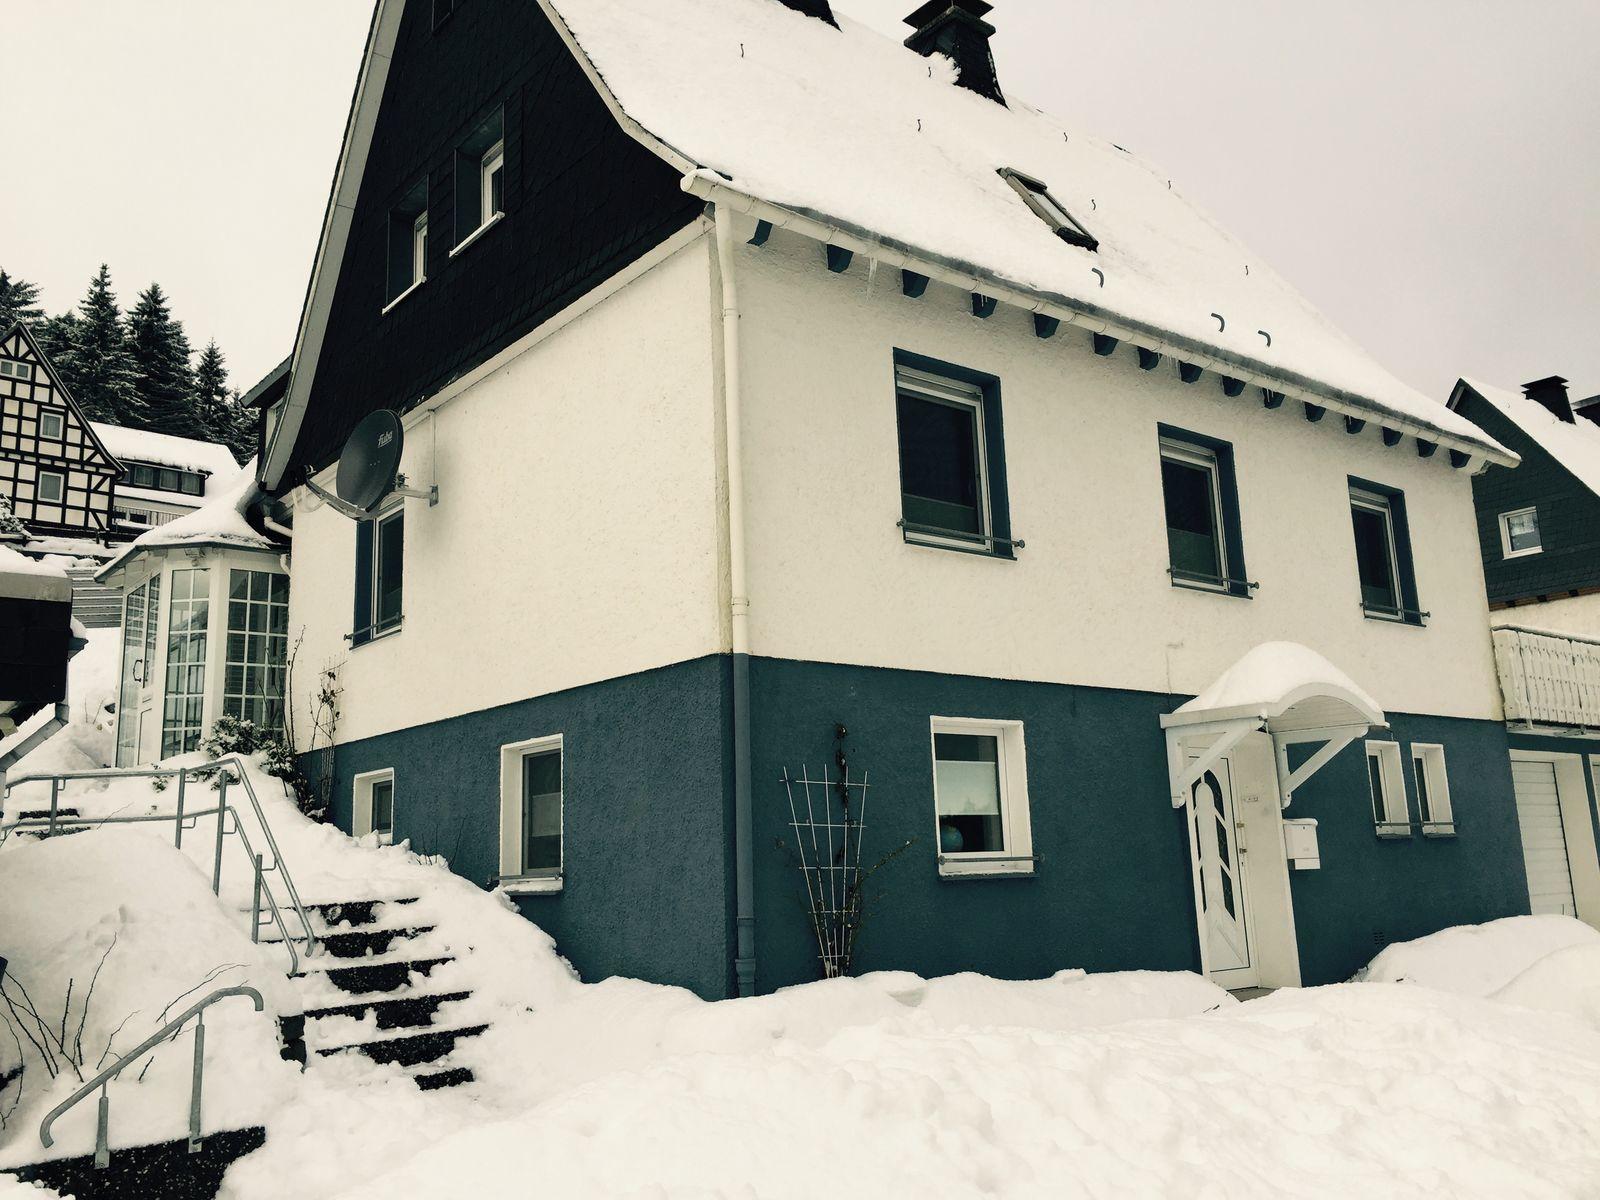 Vakantiehuis - Astenweg  11 | Neuastenberg (Winterberg)